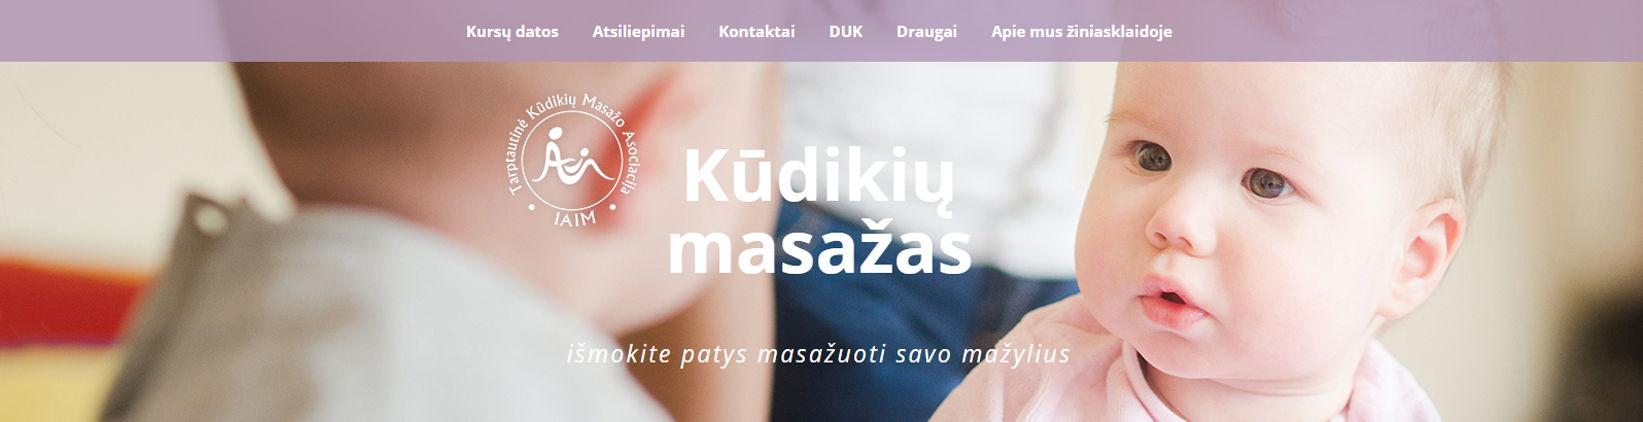 Internetiniu svetainiu kurimas, kudikiu-masazas.lt